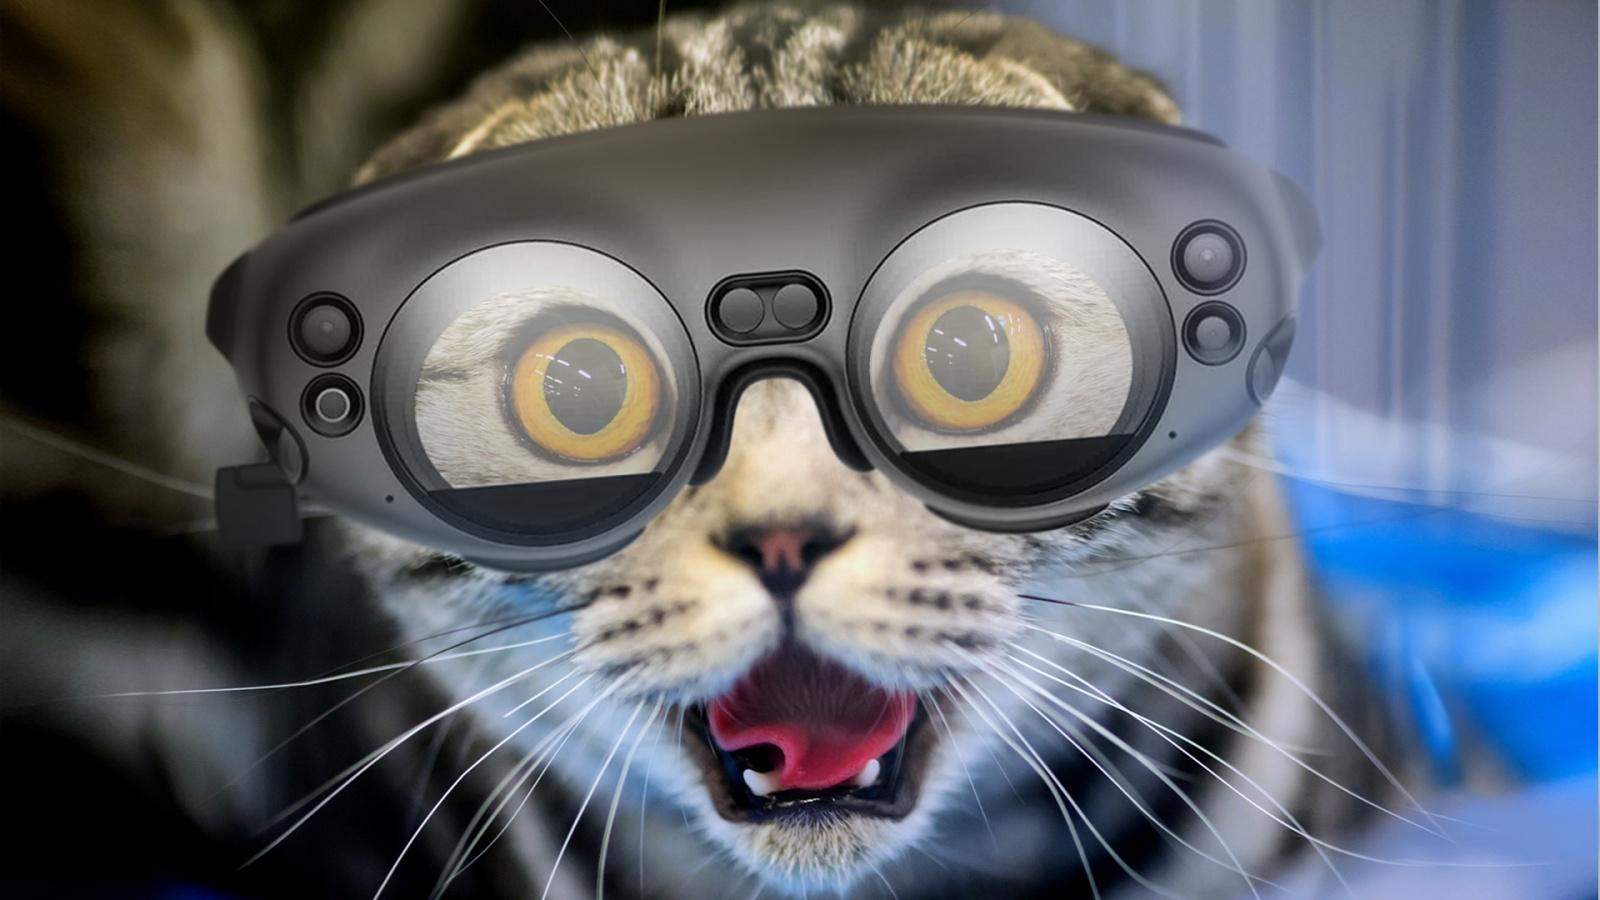 Концепция очков дополненной реальности. Моя идеальная AR гарнитура, которая возможна - 1